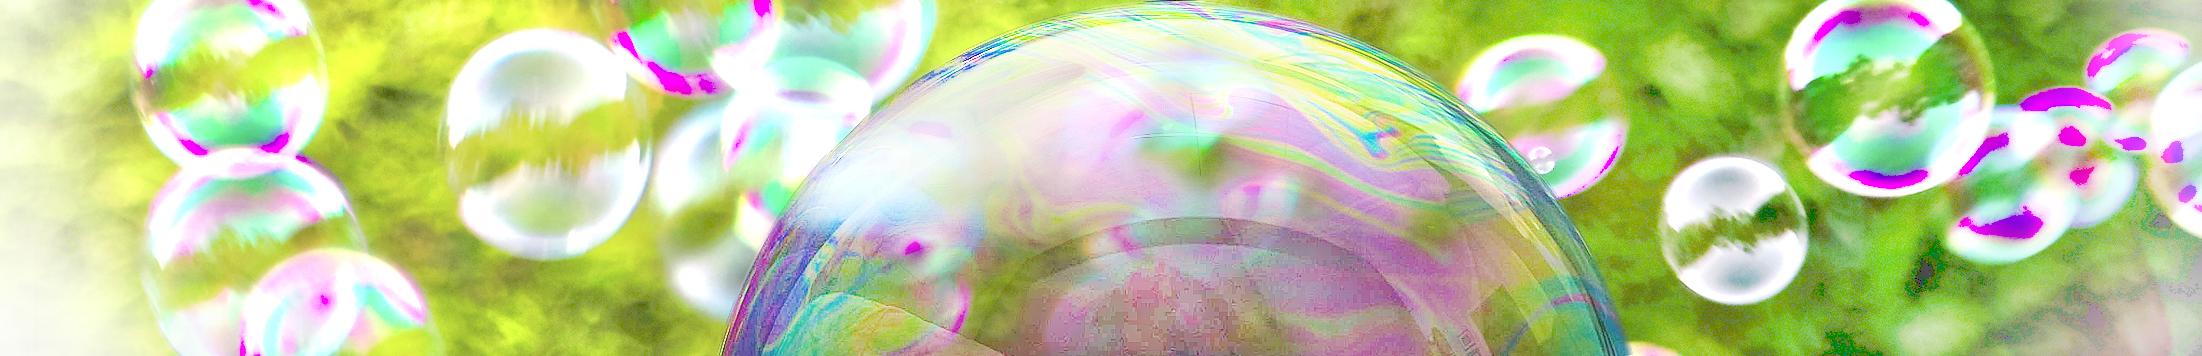 Themenbild für FAQ Seifenblasen faszinieren durch ihr Farbenspiel und ihre Leichtigkeit.